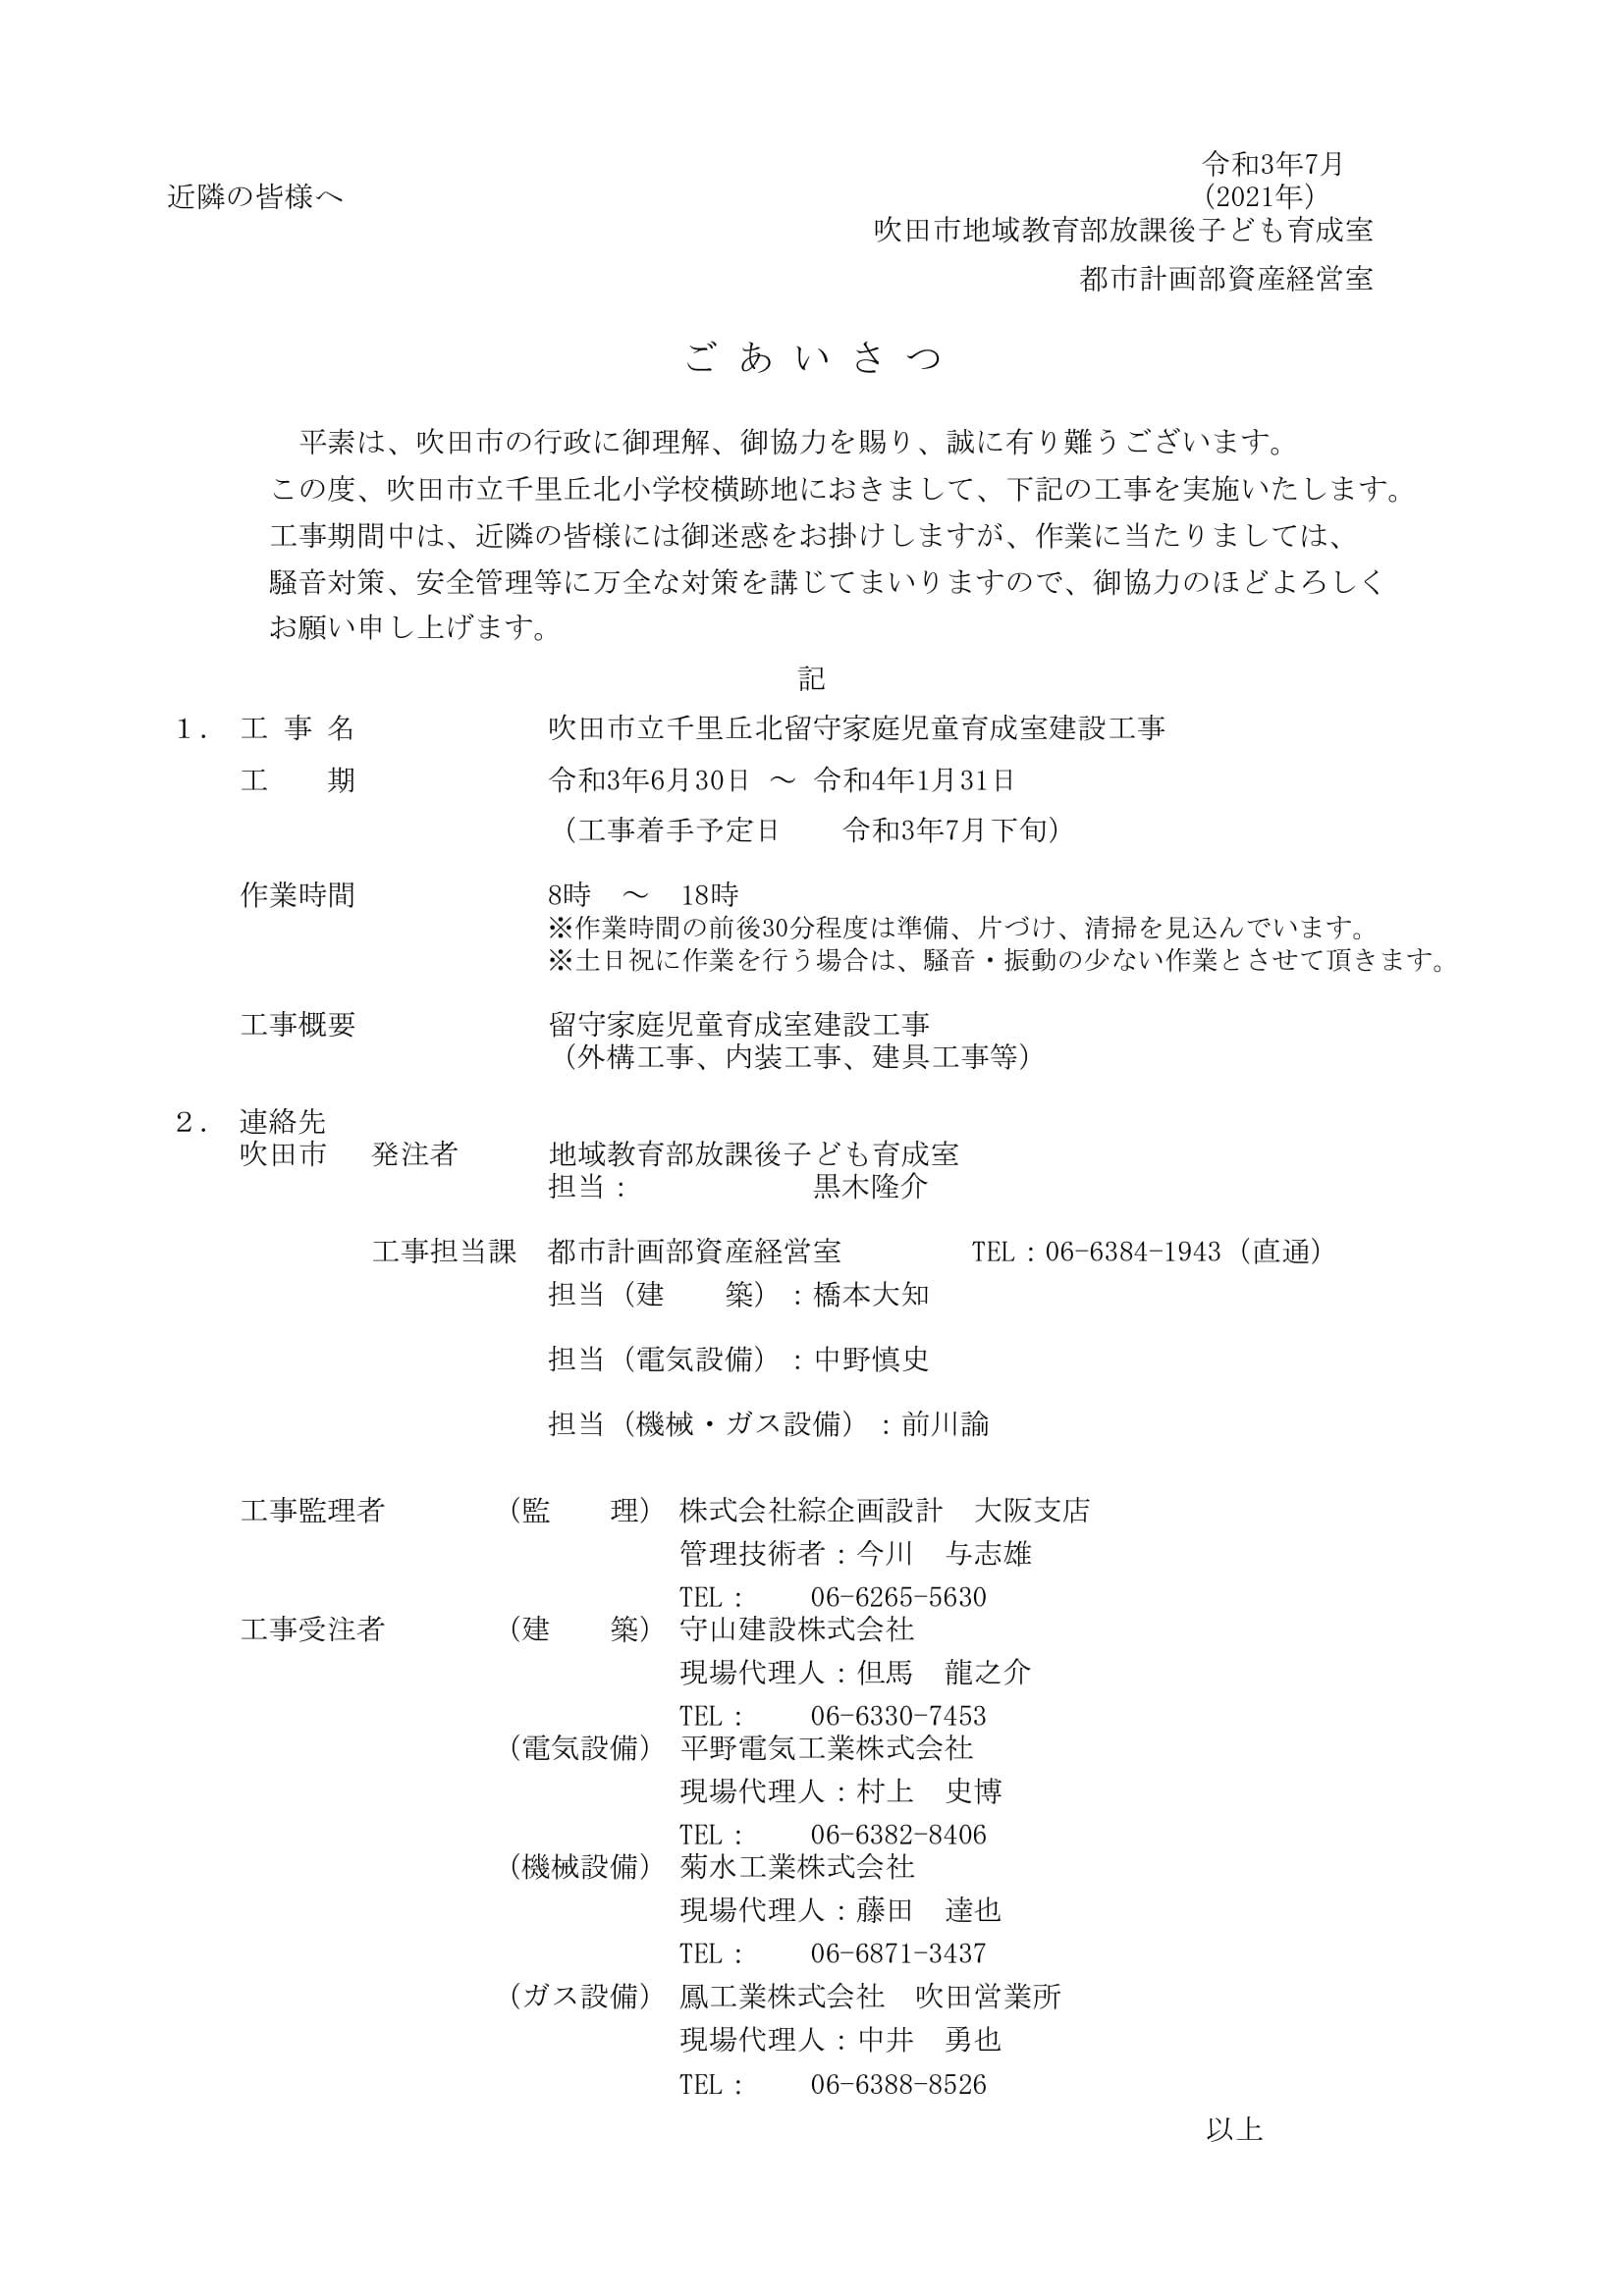 吹田市千里丘北新築工事計画(吹田市地域教育部)について